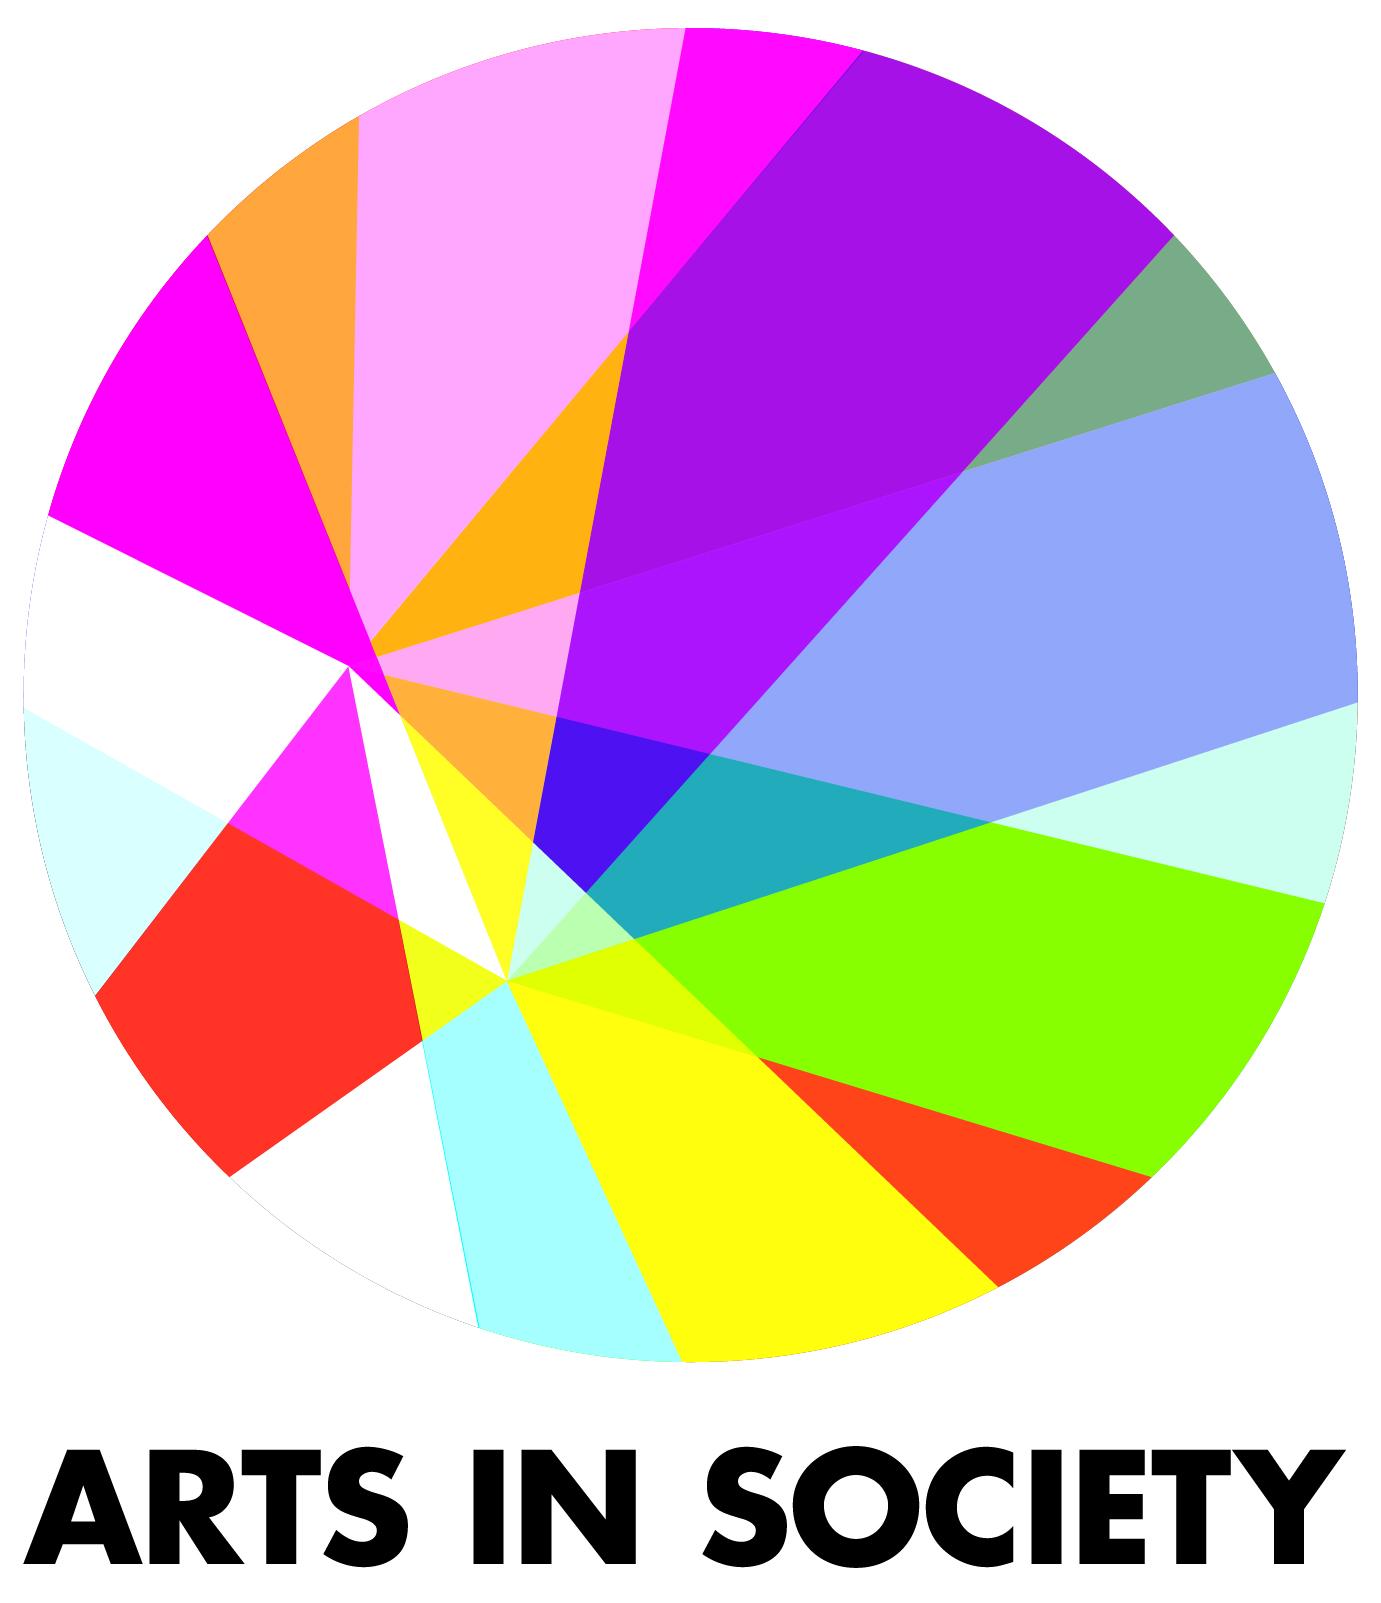 Arts in Society grant program logo